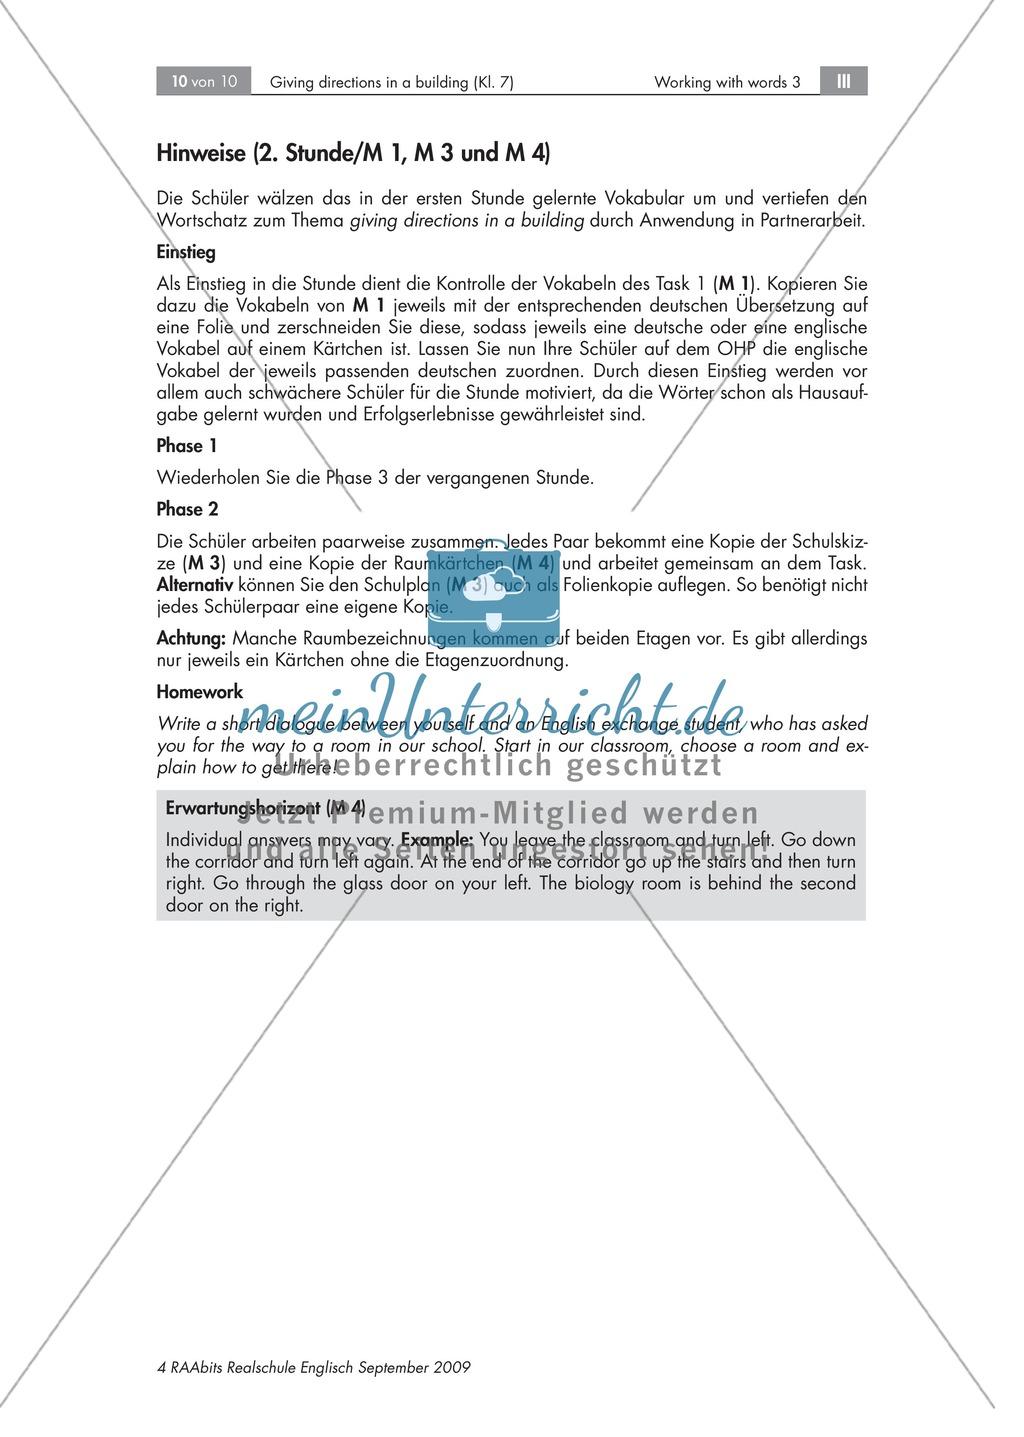 Giving directions in a building - Beschreiben des Weges zwischen zwei Räumen + Arbeitsblätter + Tipps Preview 2